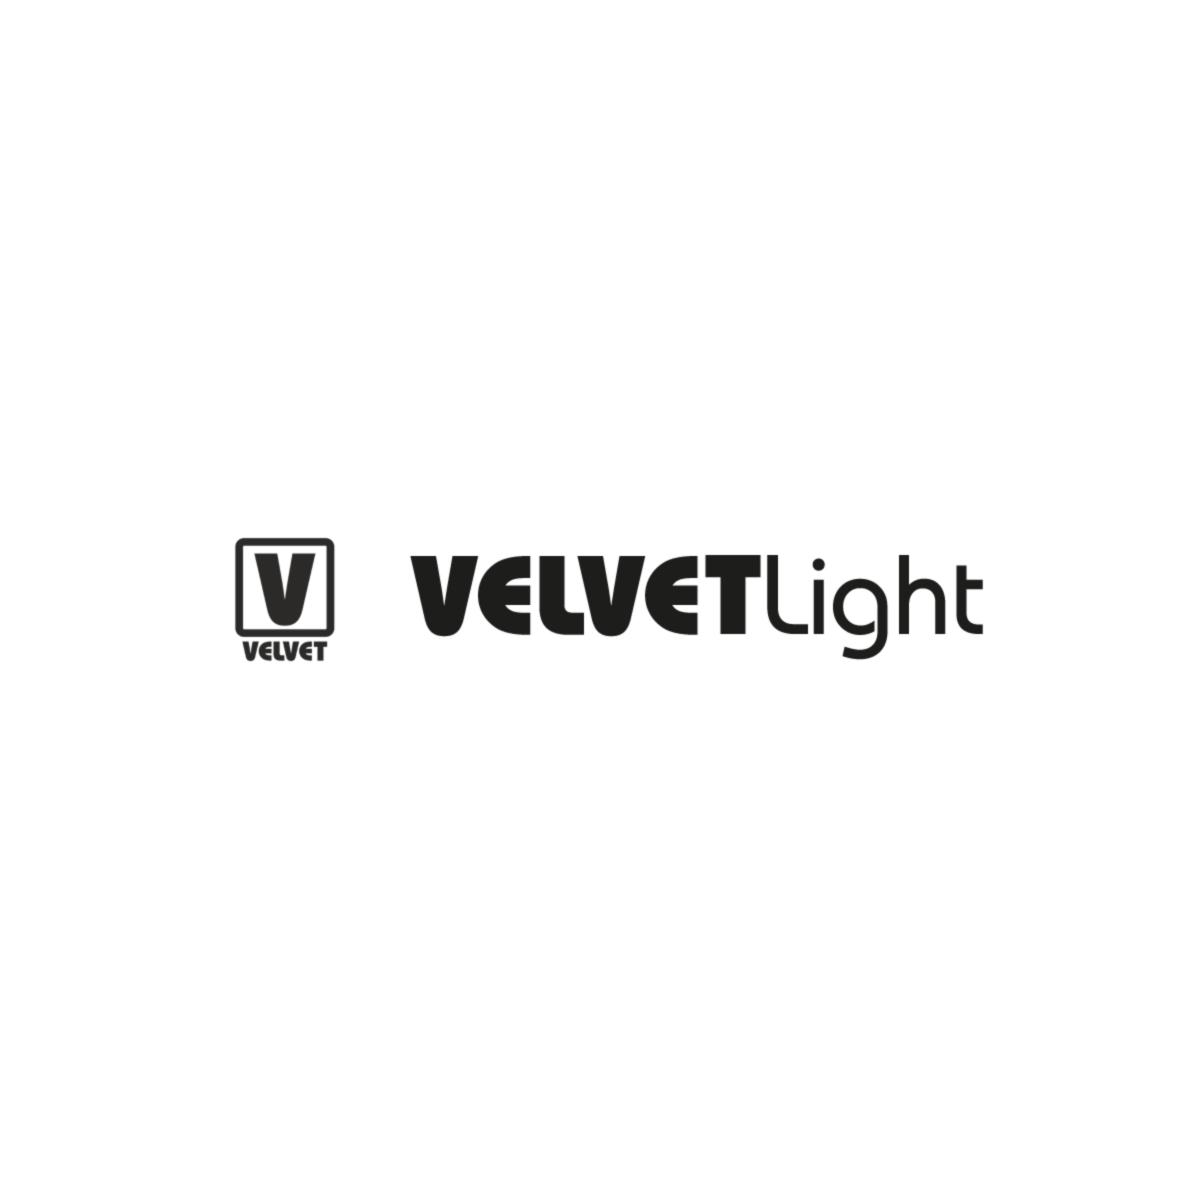 VelvetLight